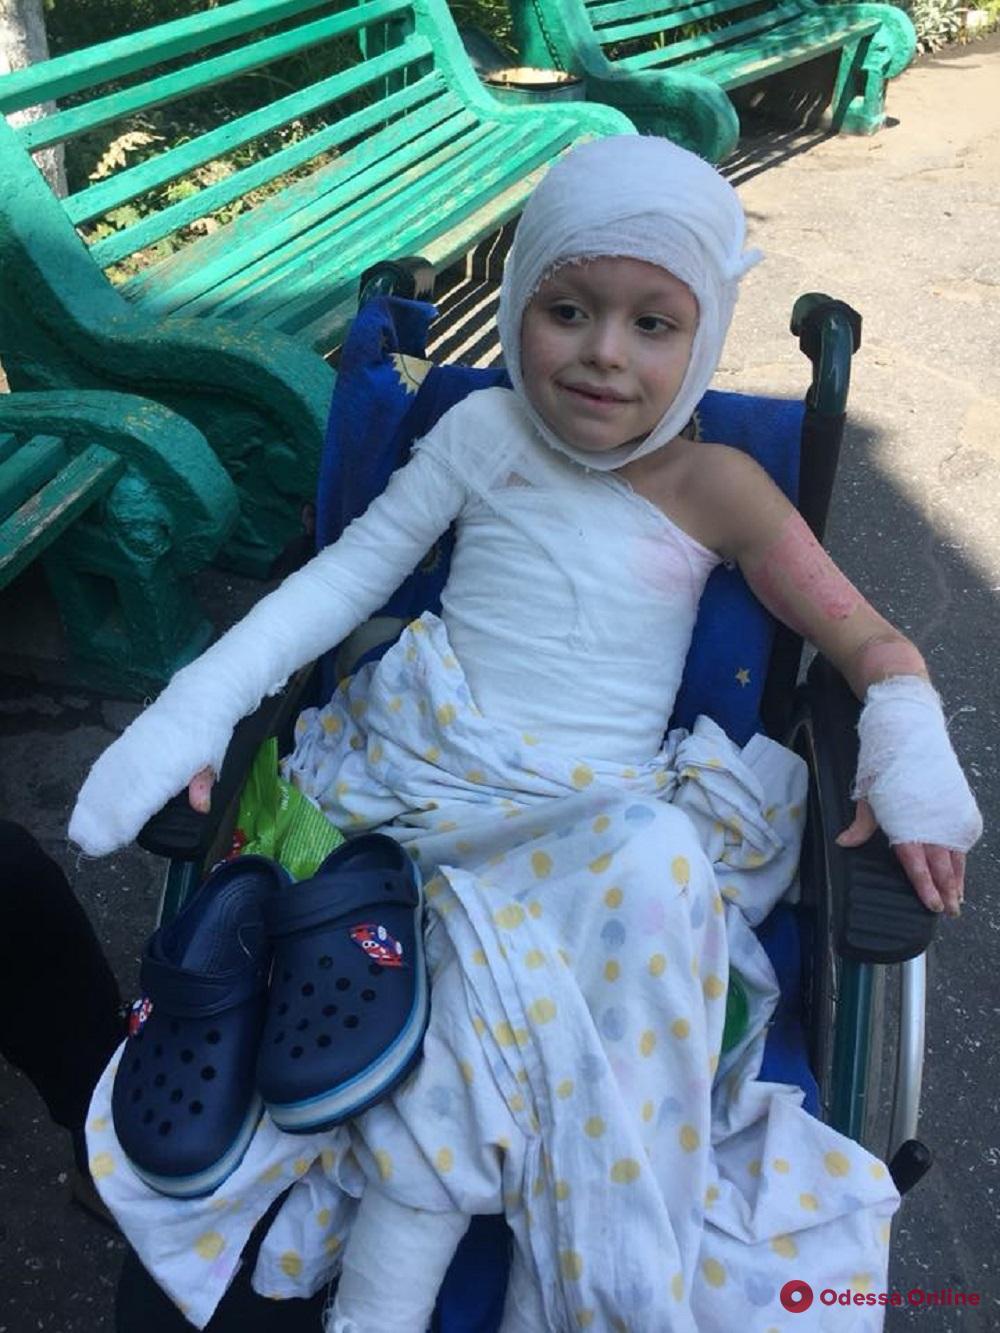 Одесса: пострадавший при взрыве авто пятилетний мальчик идет на поправку